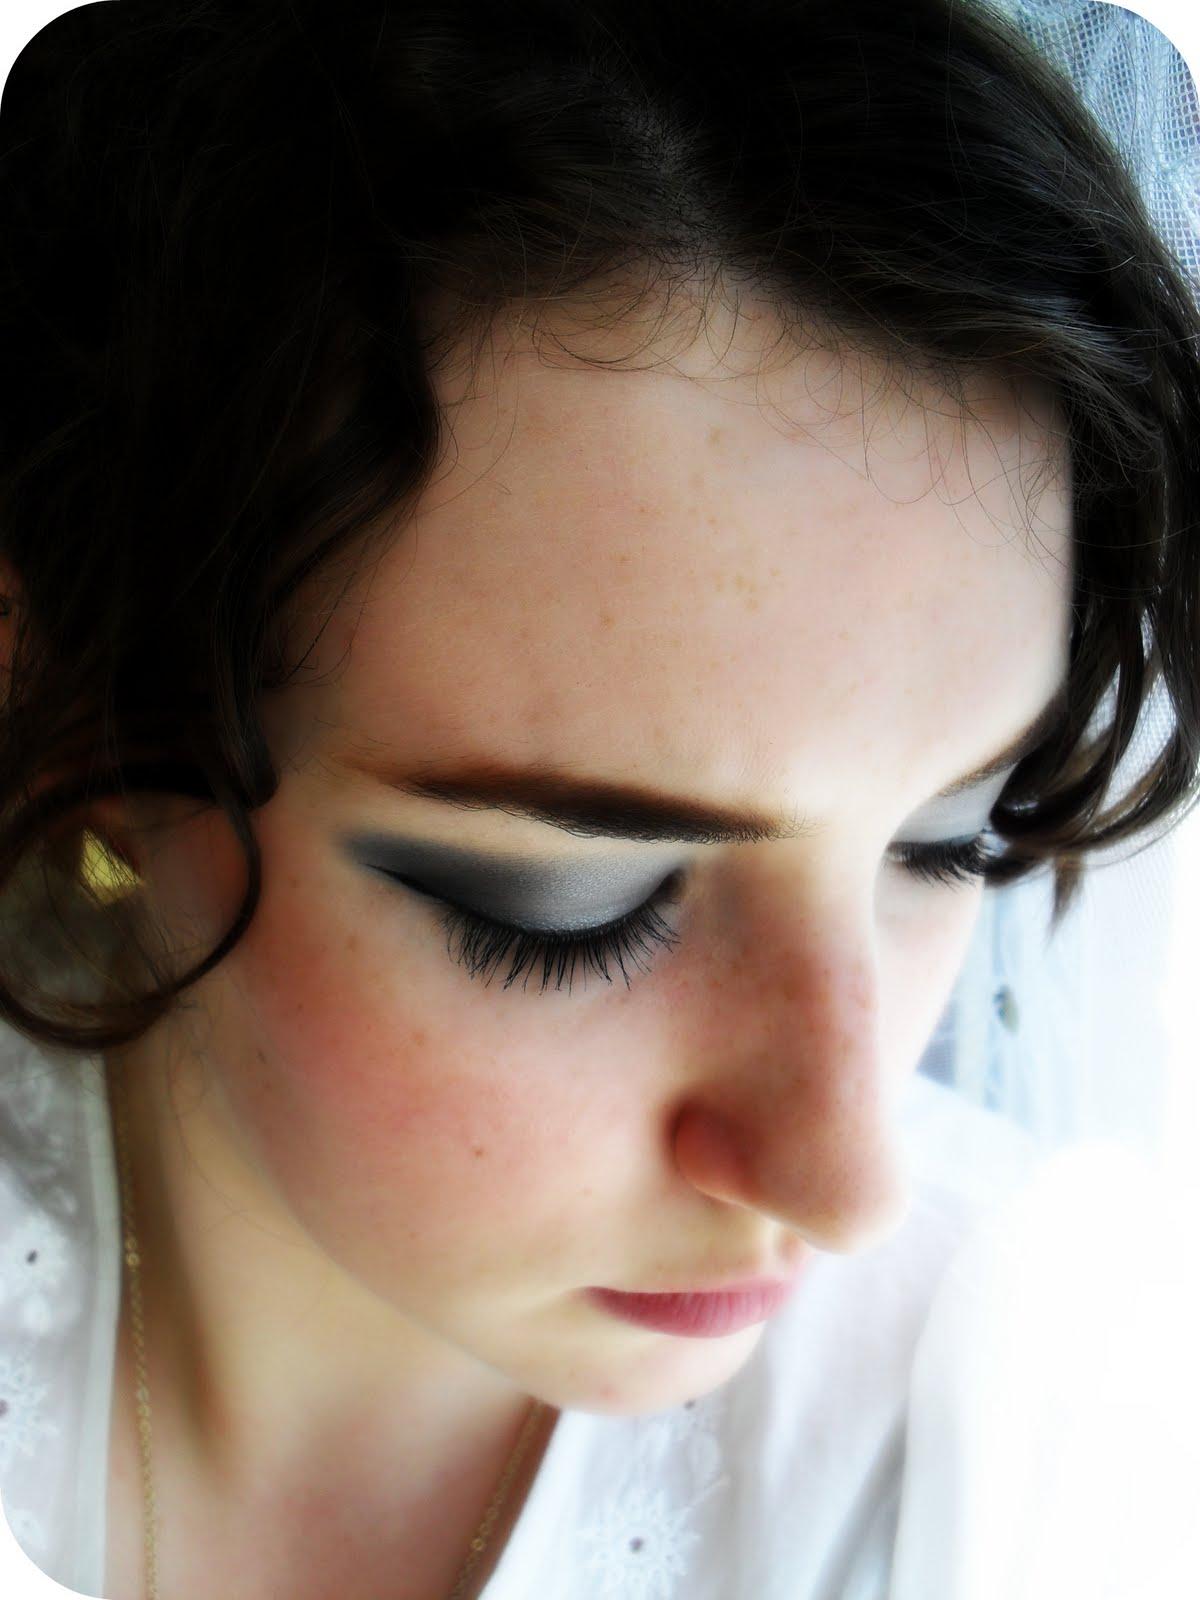 http://1.bp.blogspot.com/_3116g4s-h48/TFnR1SDssFI/AAAAAAAAAqM/G8KCA_lI4Gk/s1600/Grey+Eyes+3.jpg